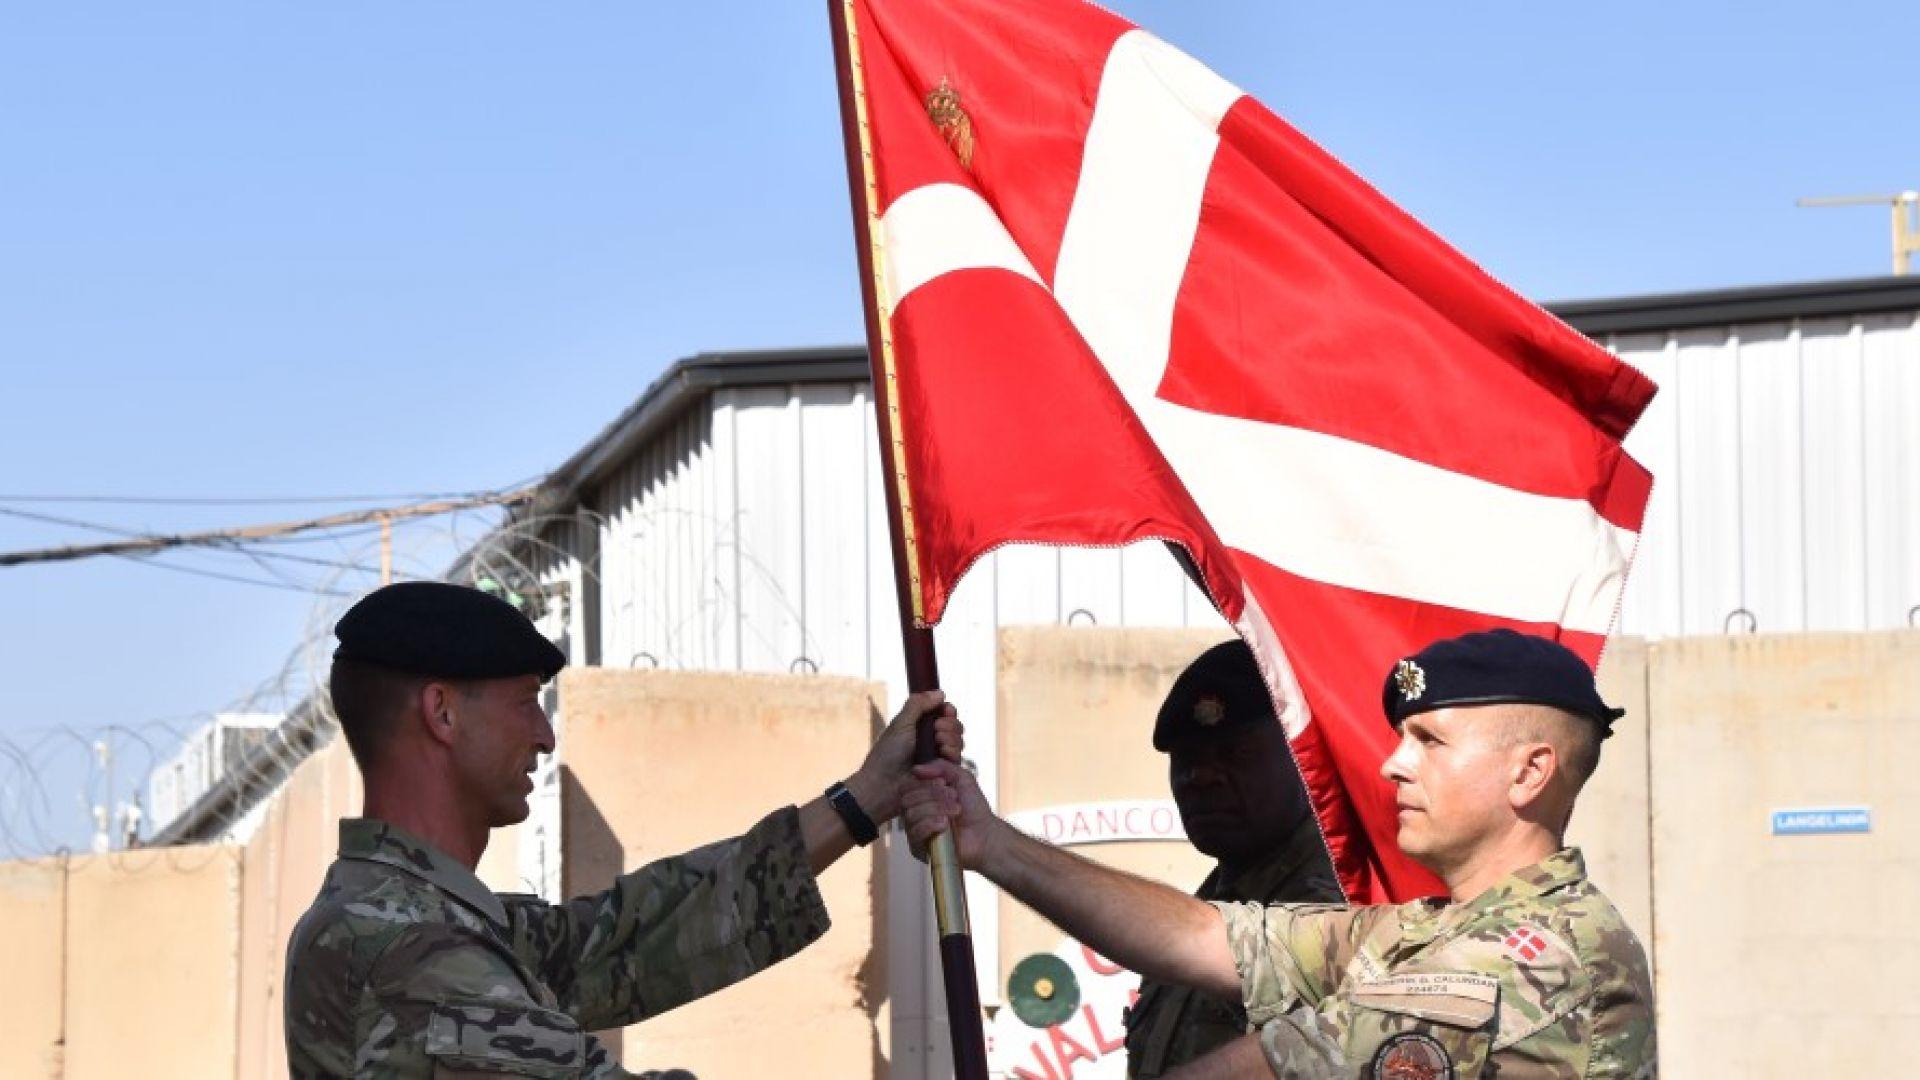 Дания е един от най-верните съюзници на САЩ в ЕС